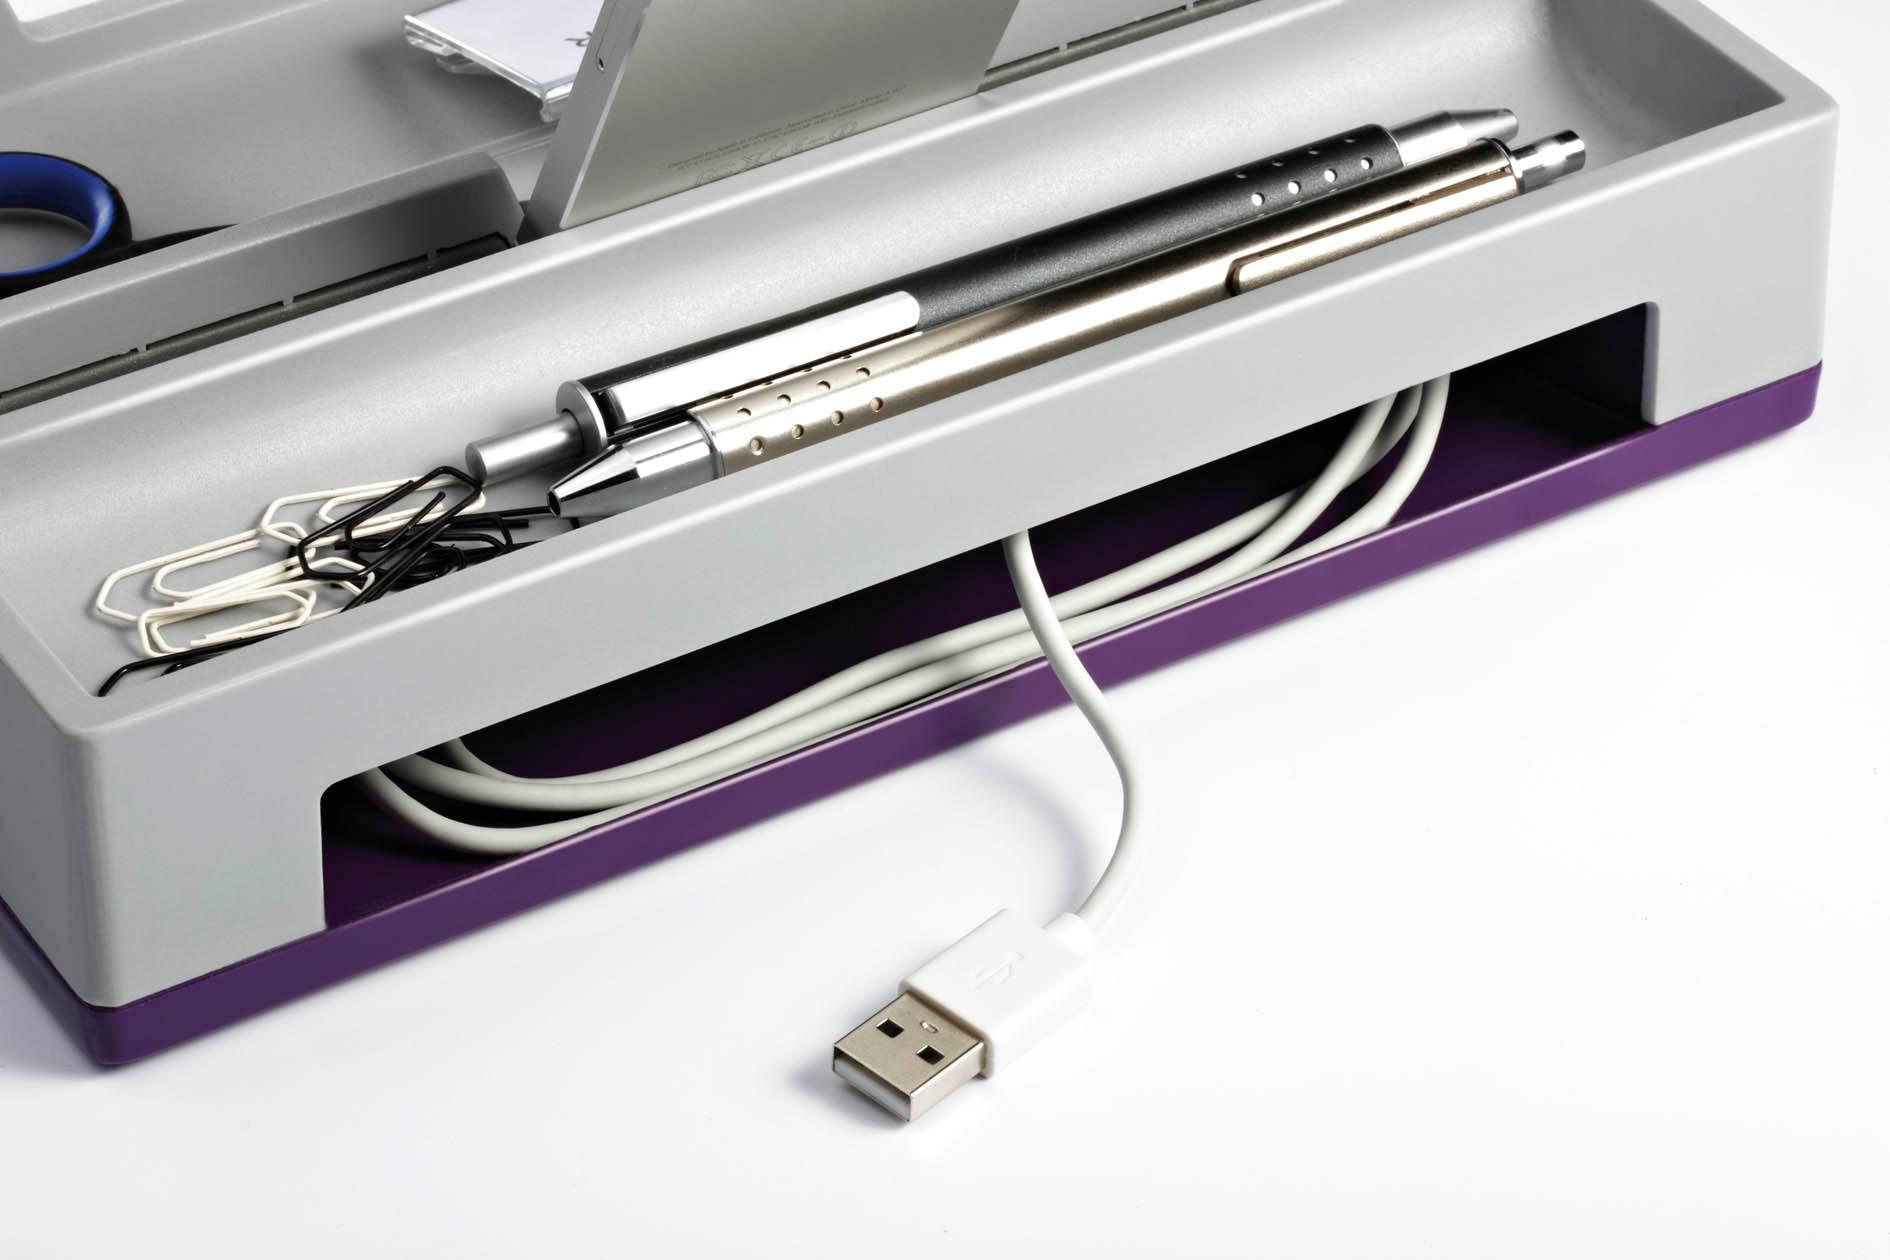 Органайзер настольный Durable 7613-12 Varicolor фиолетовый/серый - фото 4